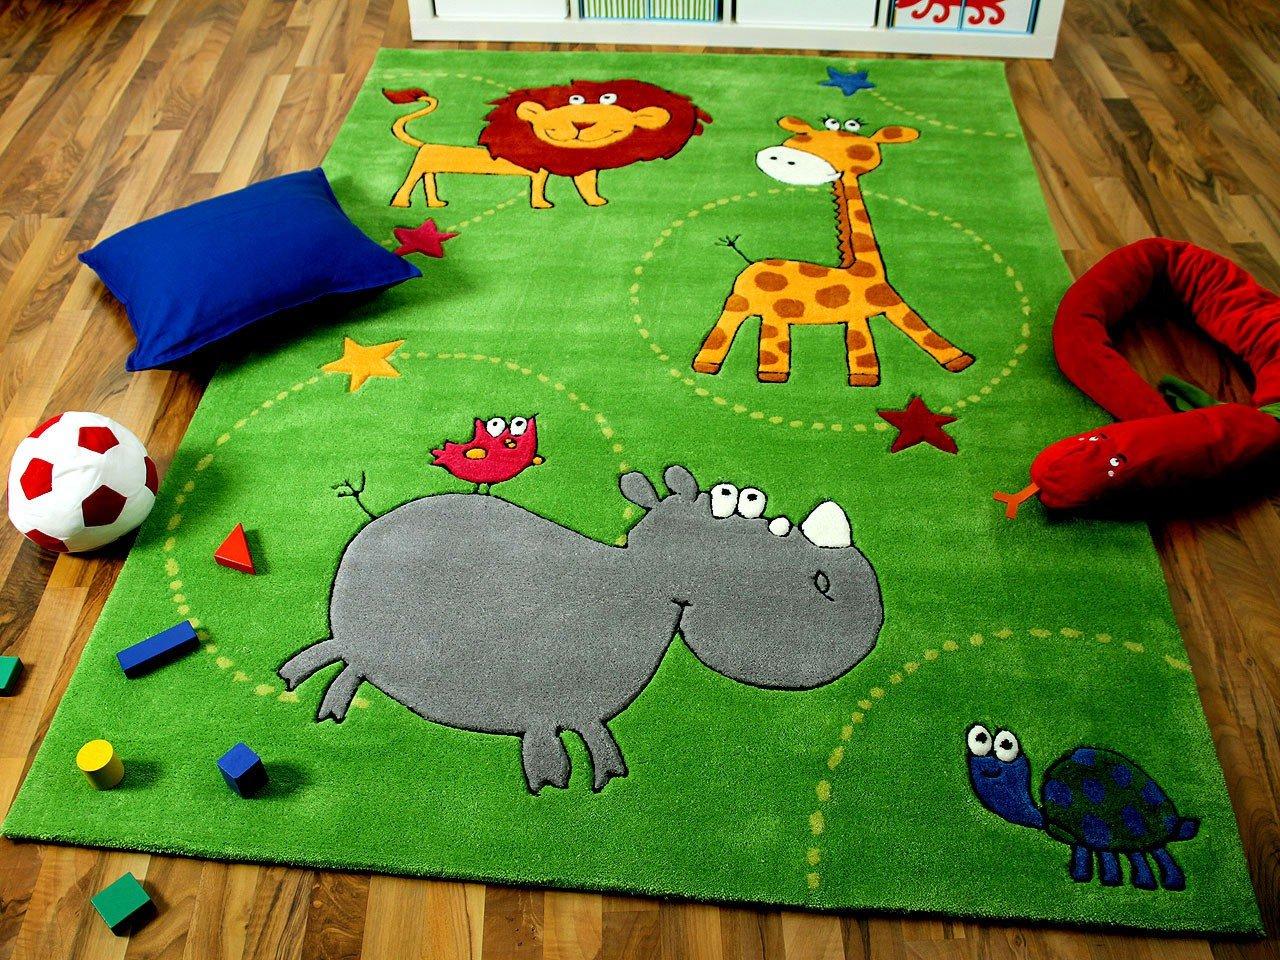 Kinderteppich grün  Lifestyle Kinderteppich Grün Zoo in 3 Größen !!! Sofort Lieferbar ...